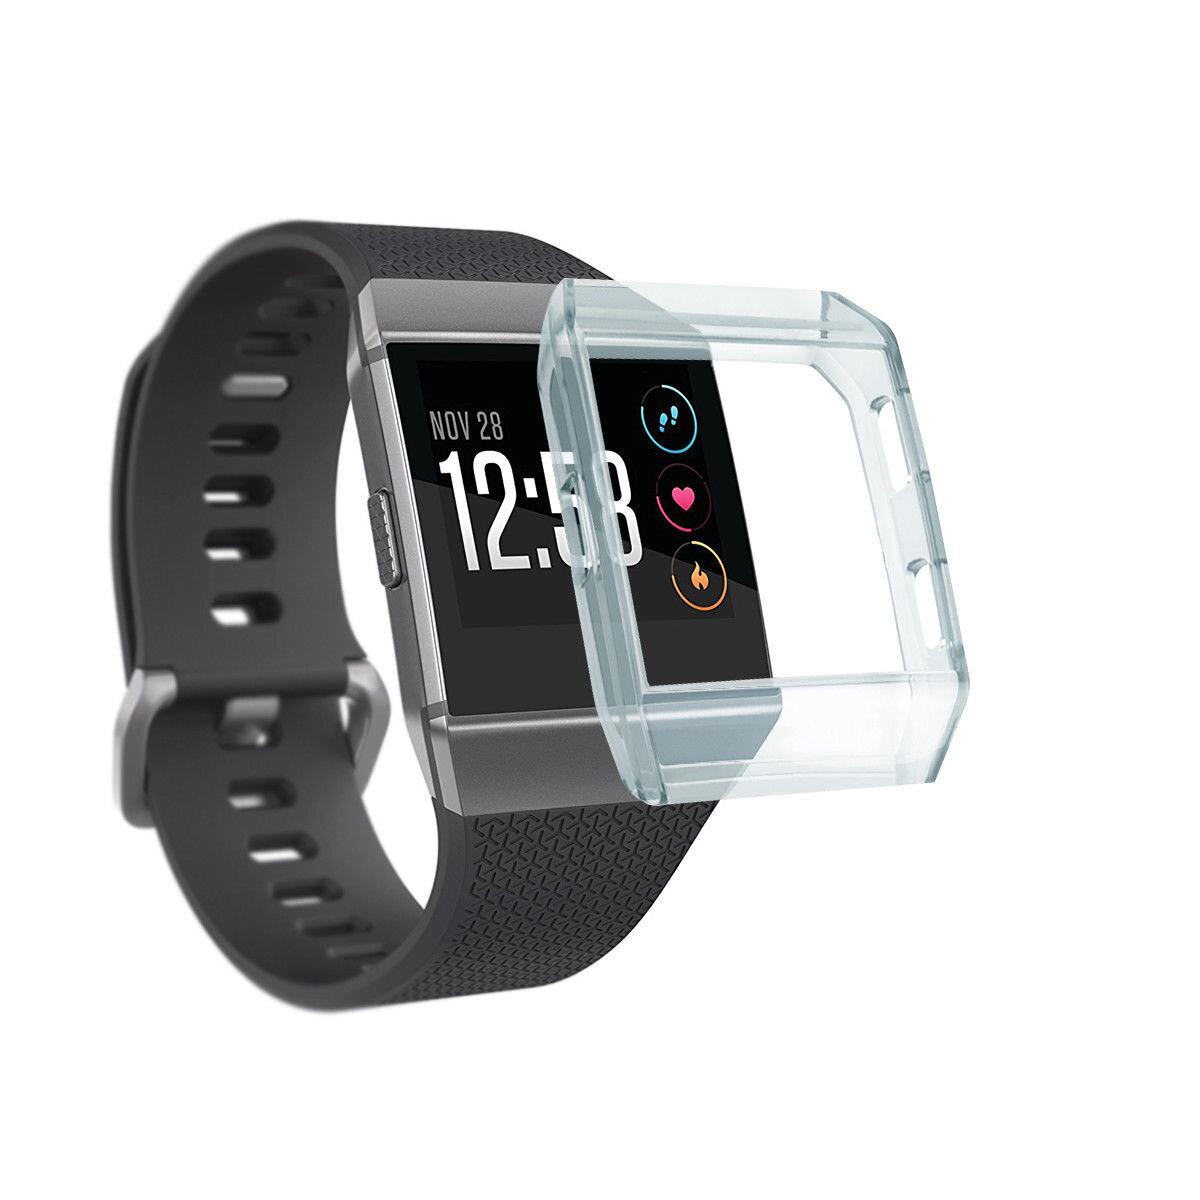 Силиконовый Чехол Обложка Защитная оболочка для Fitbit Ionic Smart Стандарты